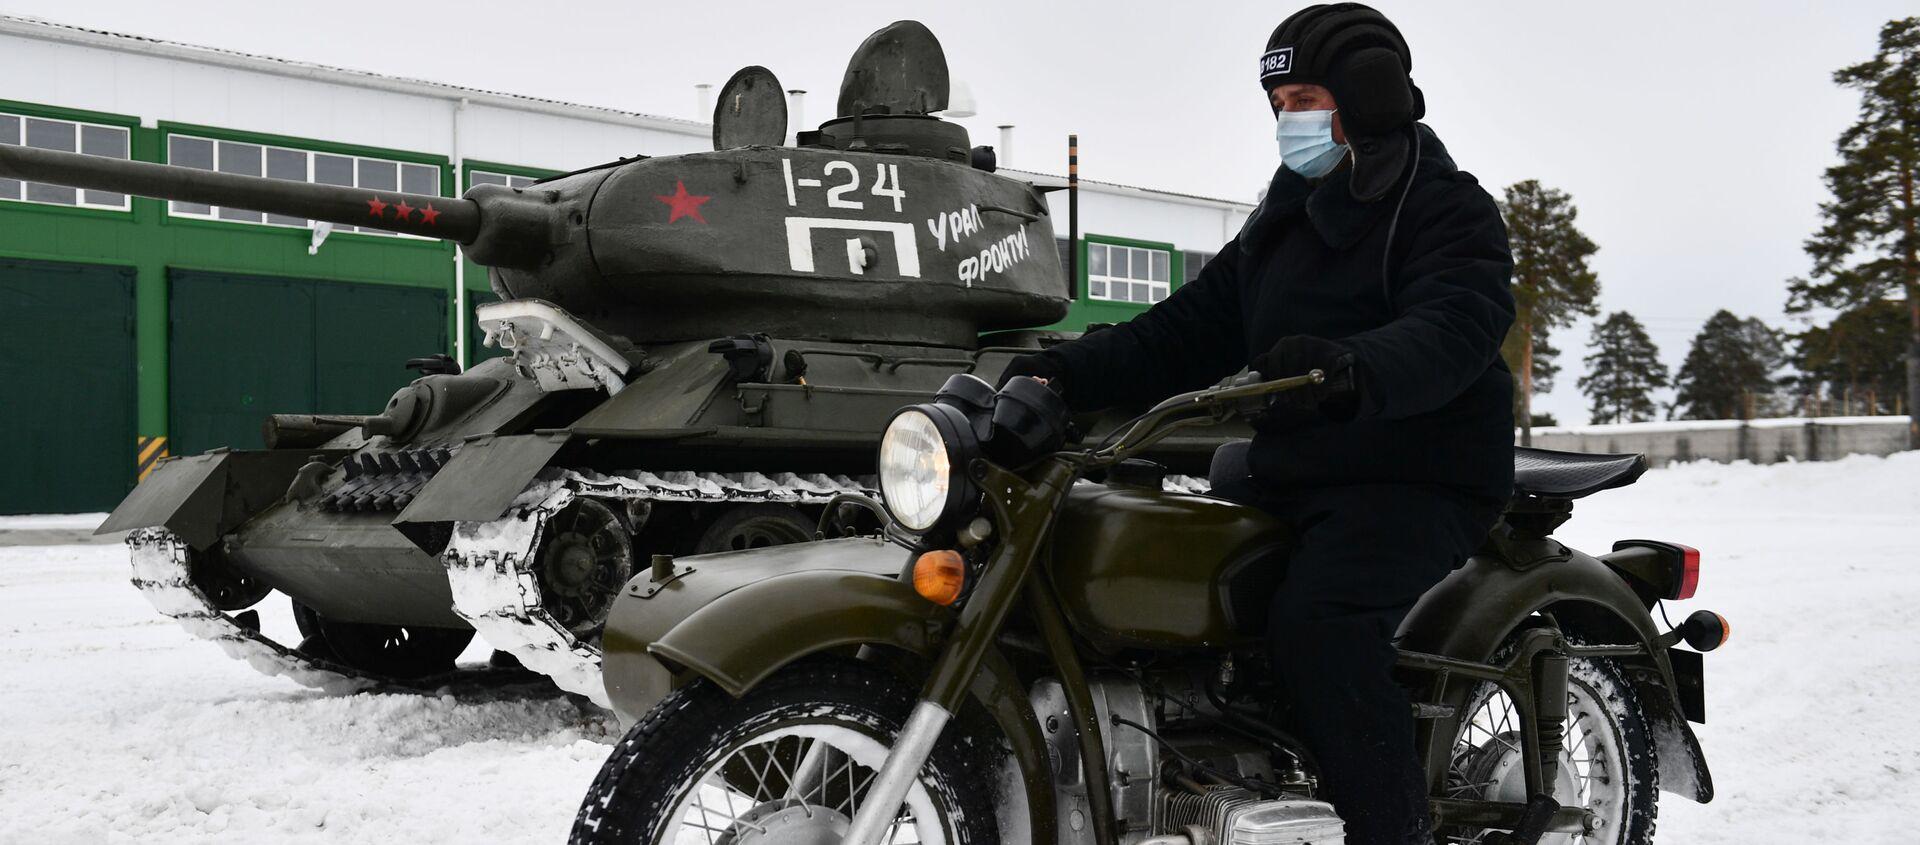 Du char à la moto: comment le légendaire équipement militaire soviétique est préparé pour les défilés de la Victoire   - Sputnik France, 1920, 18.03.2021